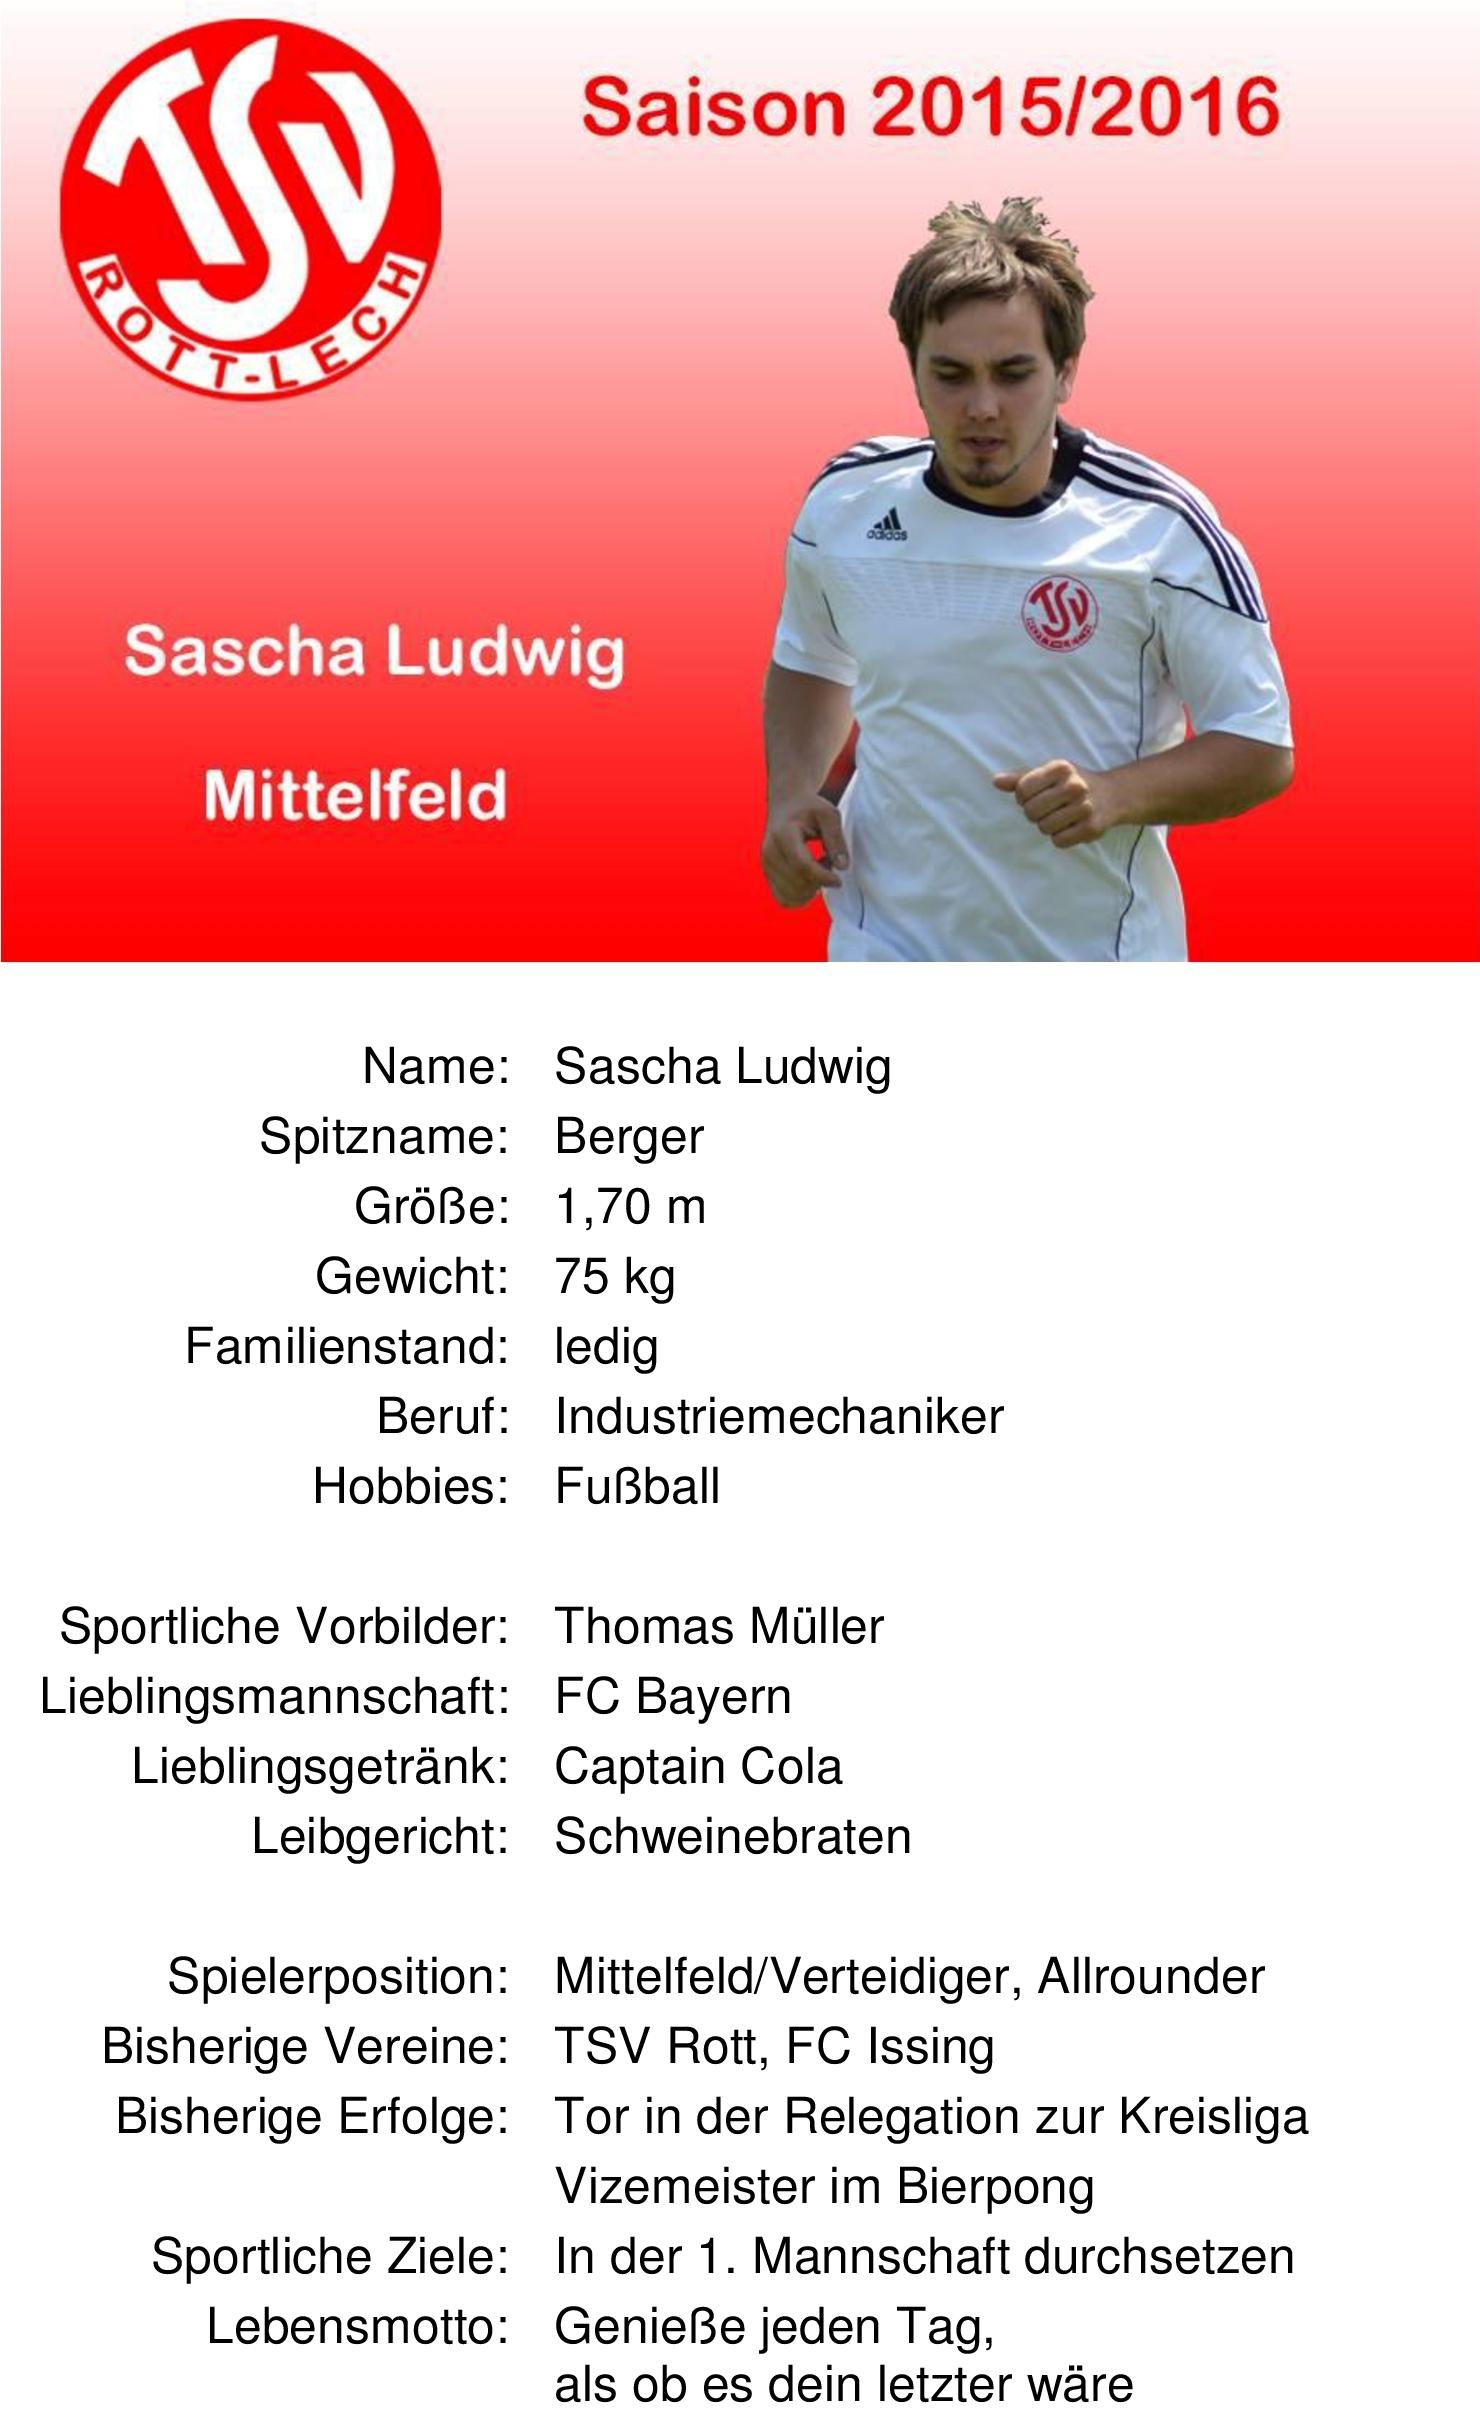 Ludwig_Sascha